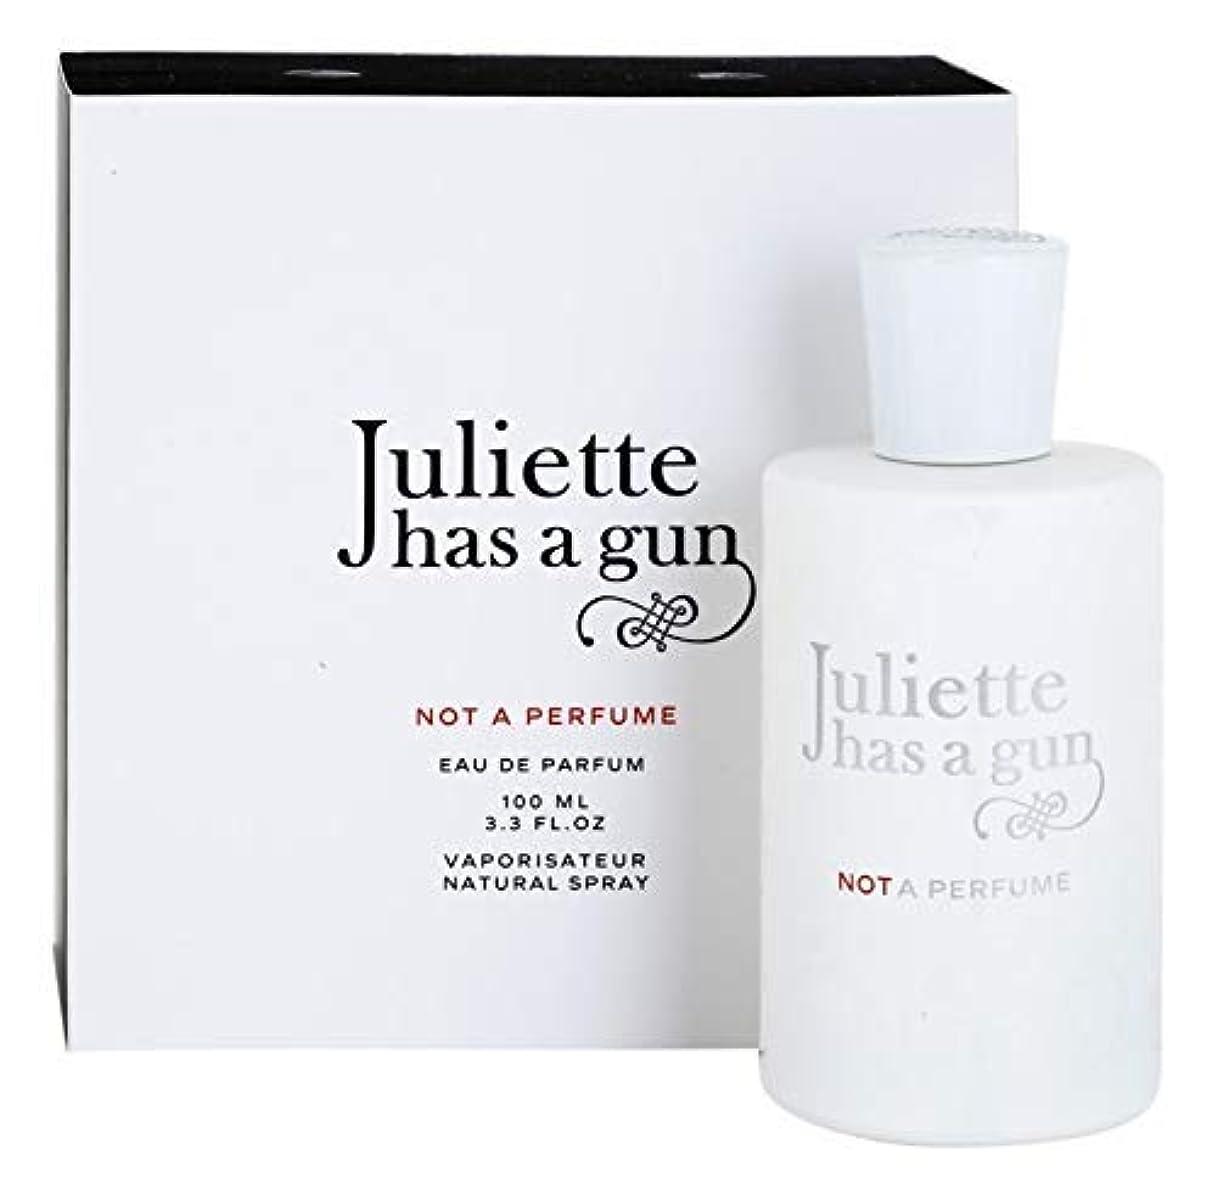 フレアれんが後悔HIT! 100% Authentic Juliette Has A Gun NOT A Perfume Eau de Perfume 100ml Made in France + 2 Niche Perfume Samples Free?/ ヒット! 100%本物のジュリエットは香りではなくガンオードパルファム100mlフランス製+ 2ニッチ香水サンプル